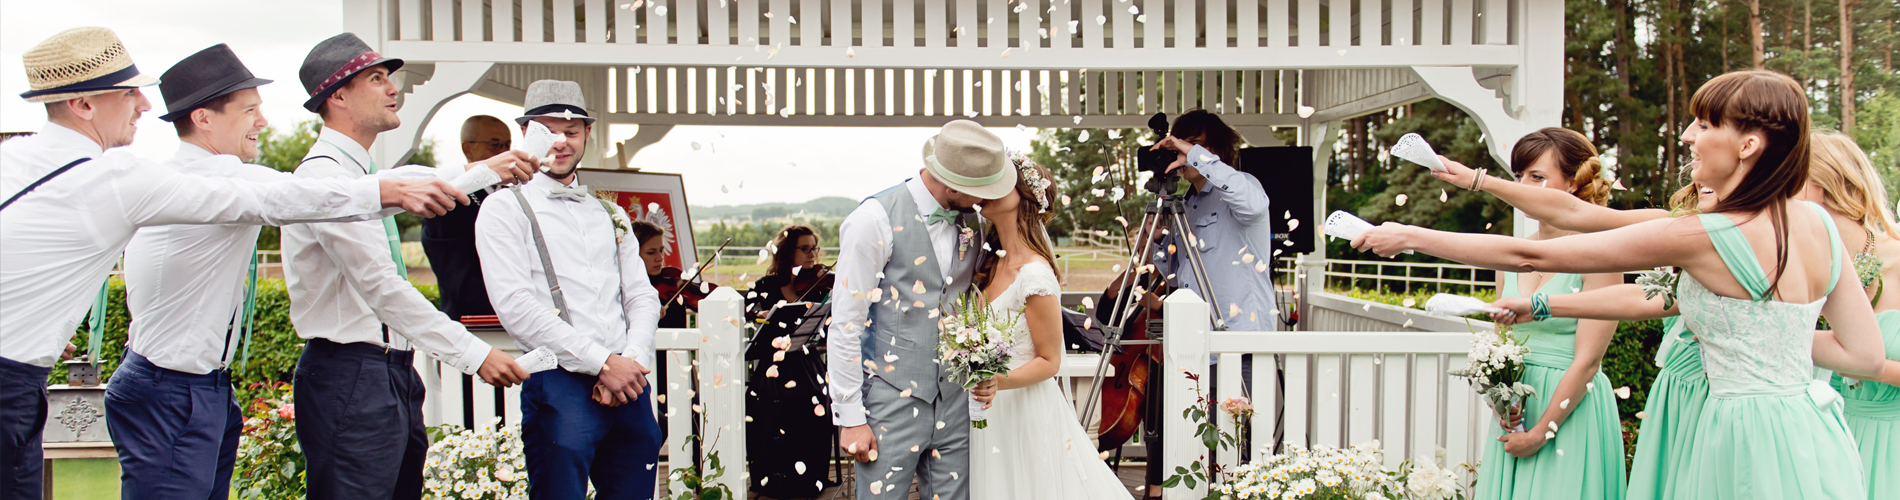 ślub w plenerze altana